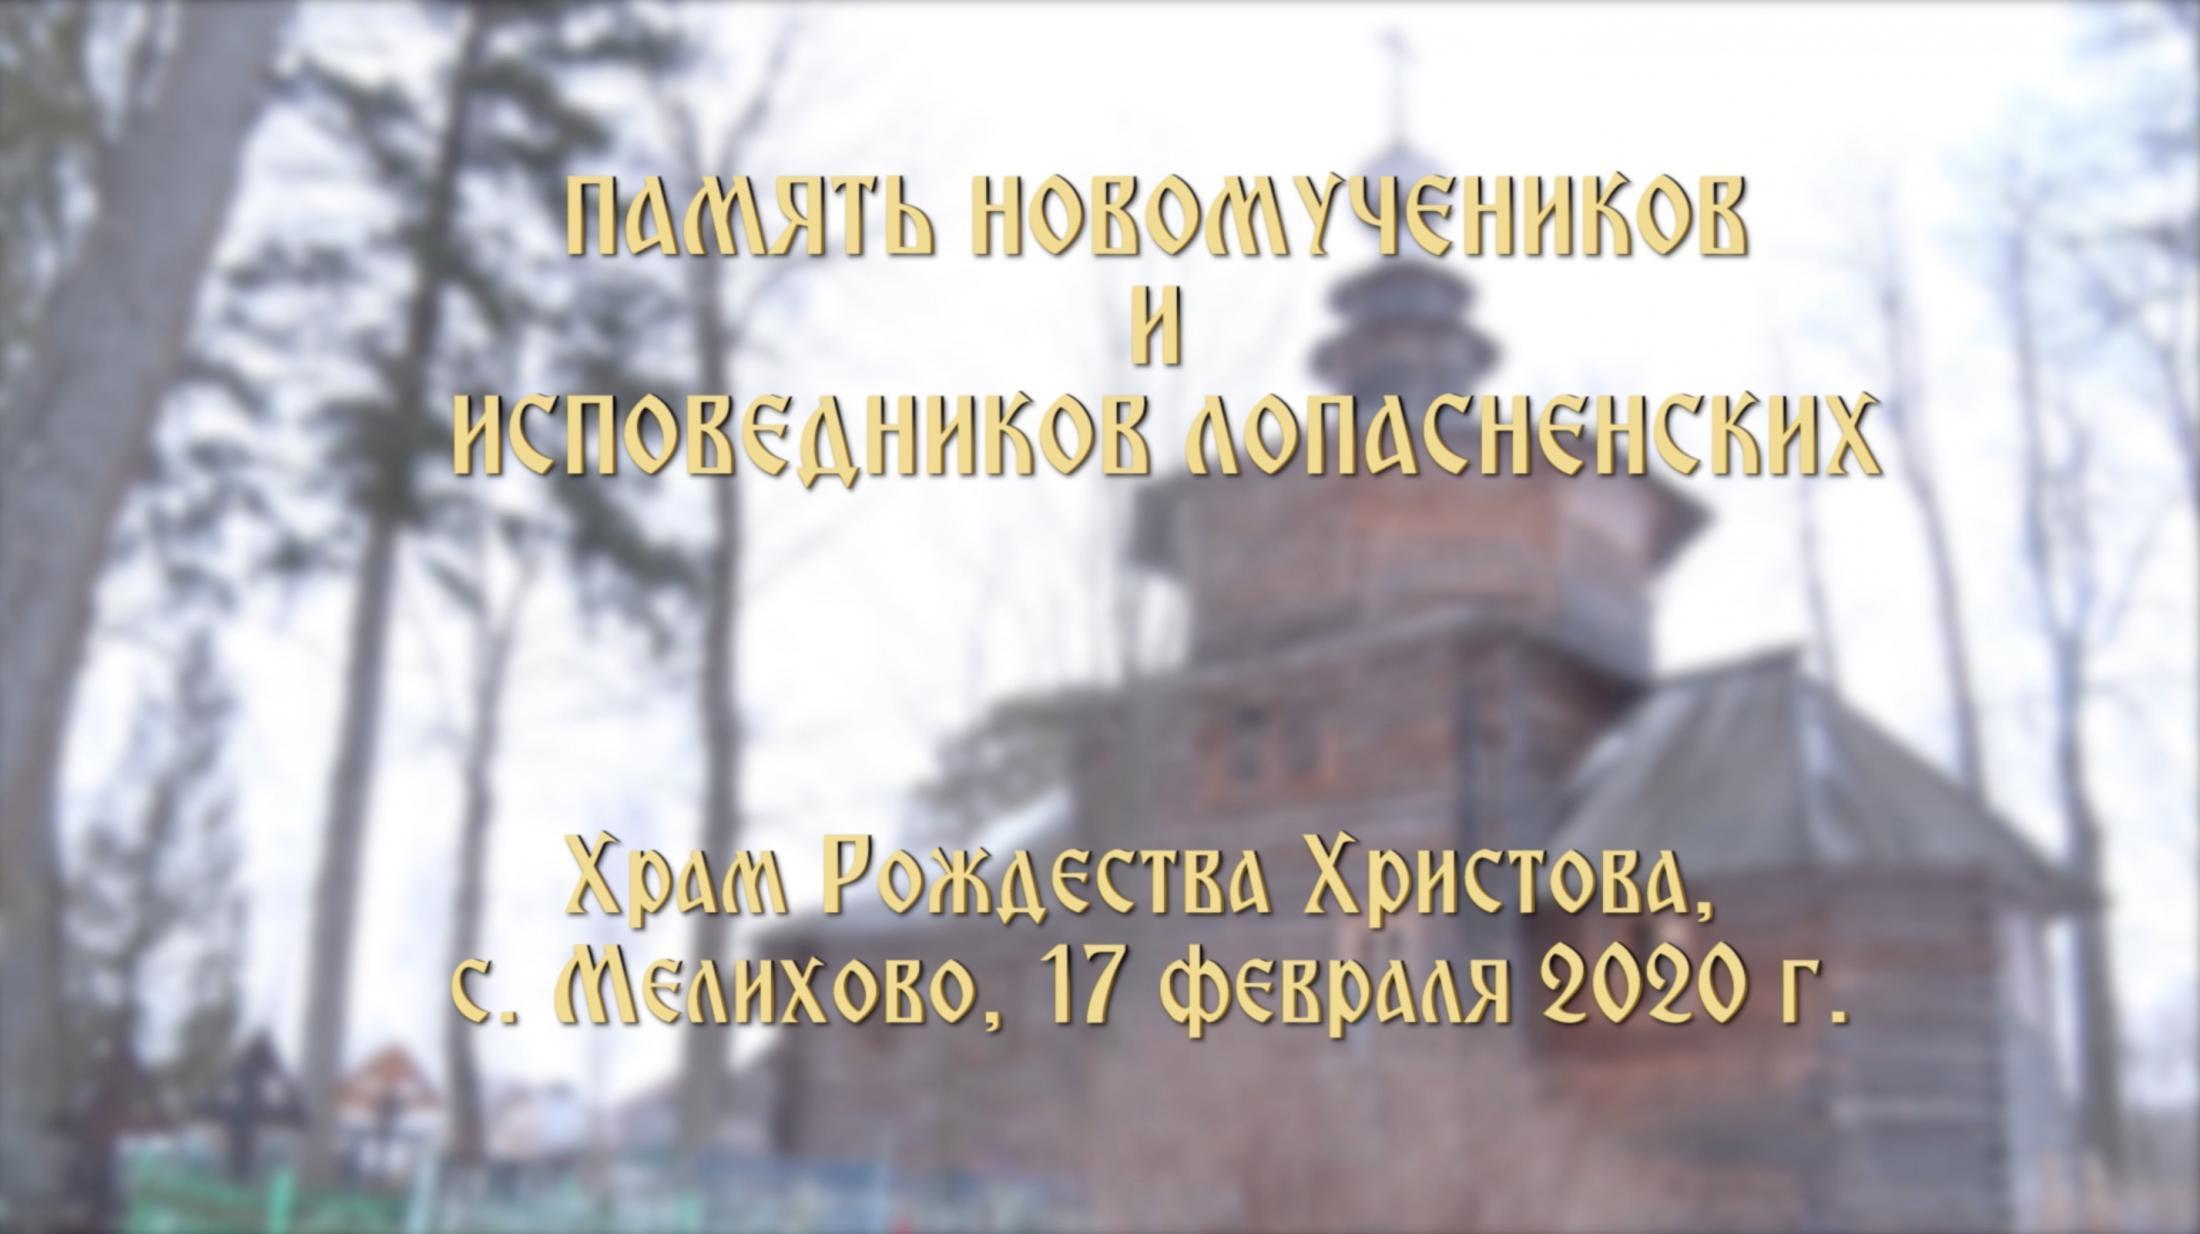 snimok_ekrana_2020-02-26_v_20.21.39.jpg